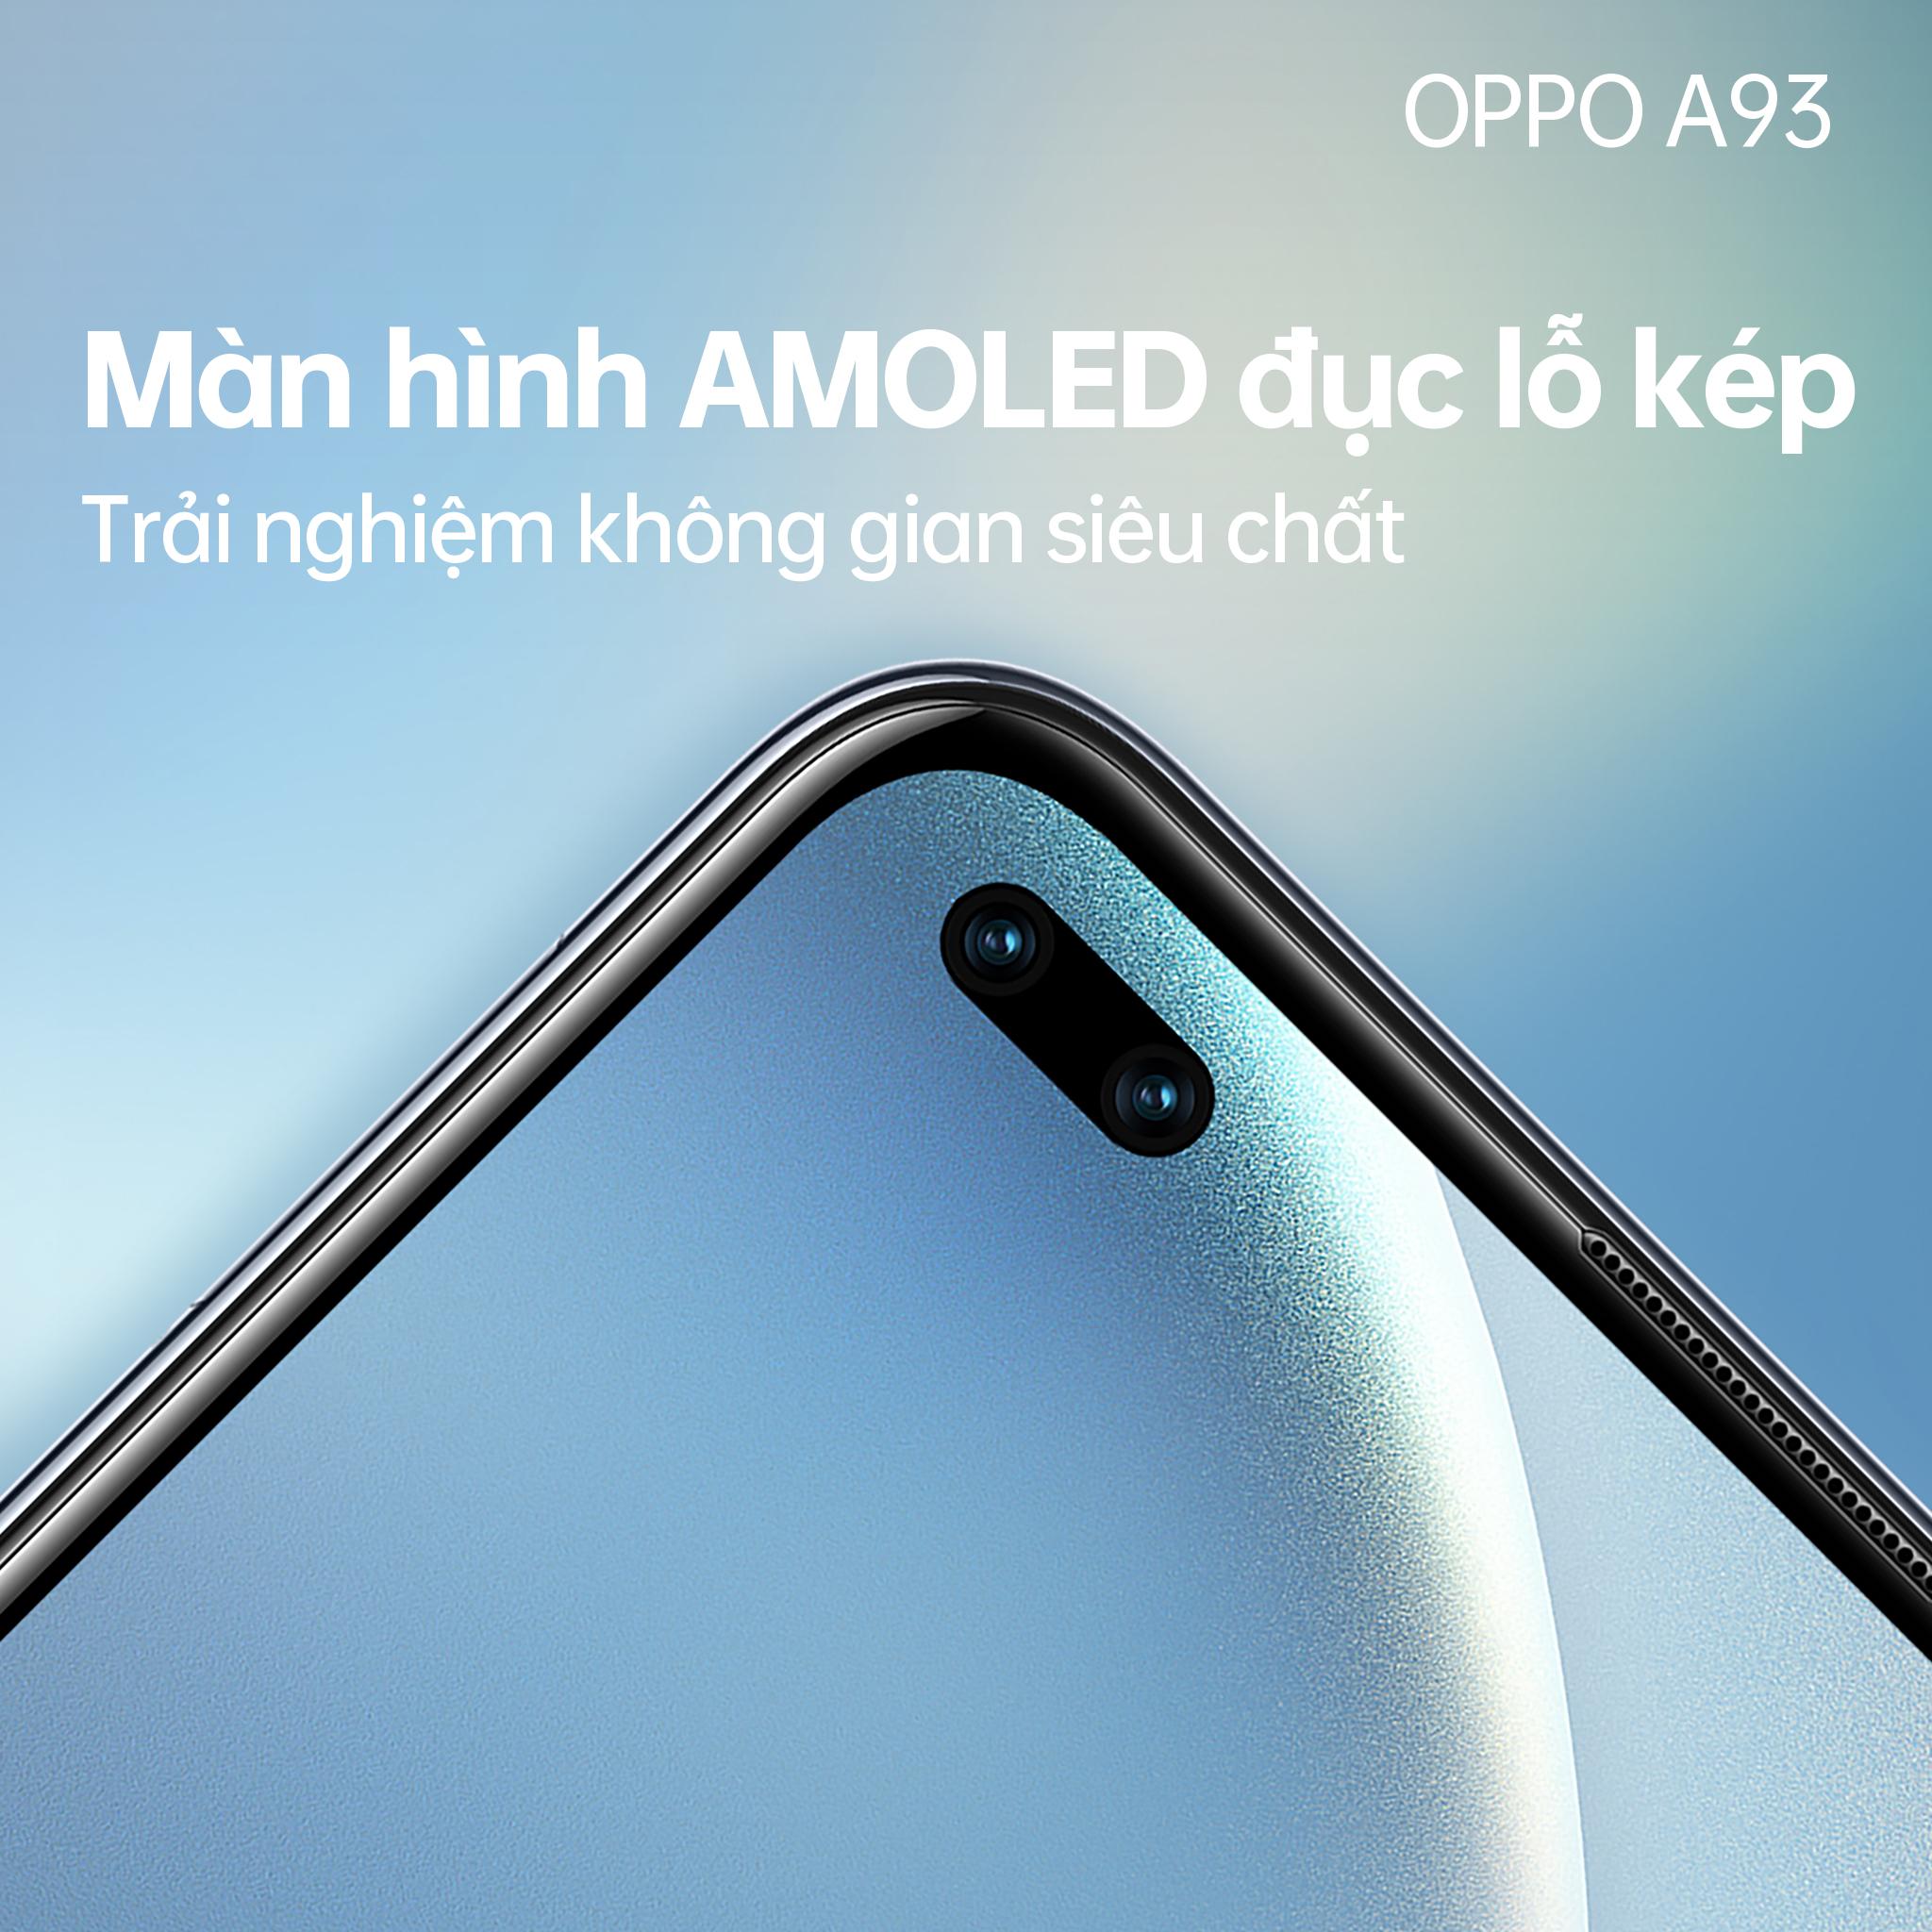 Khám phá 15 tính năng nổi bật của OPPO A93 cho xu hướng AI Camera chất lượng - Ảnh 7.